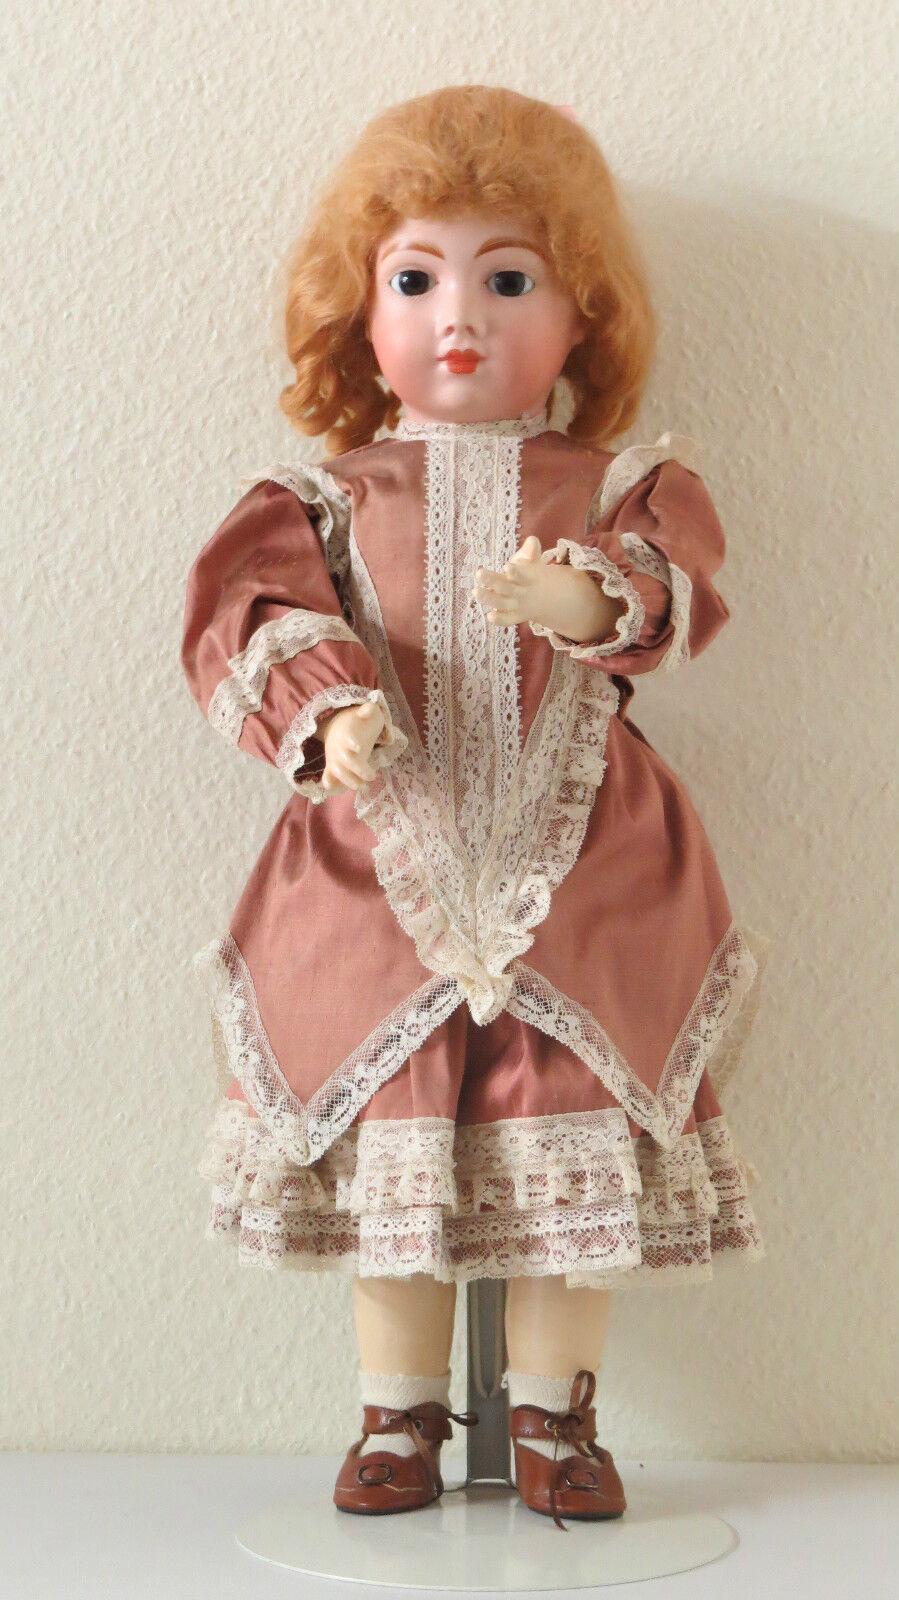 THUILLIER   A 11 T  52 cm 20,5 Pulgadas Muñeca Antigua Reproducción Antique doll